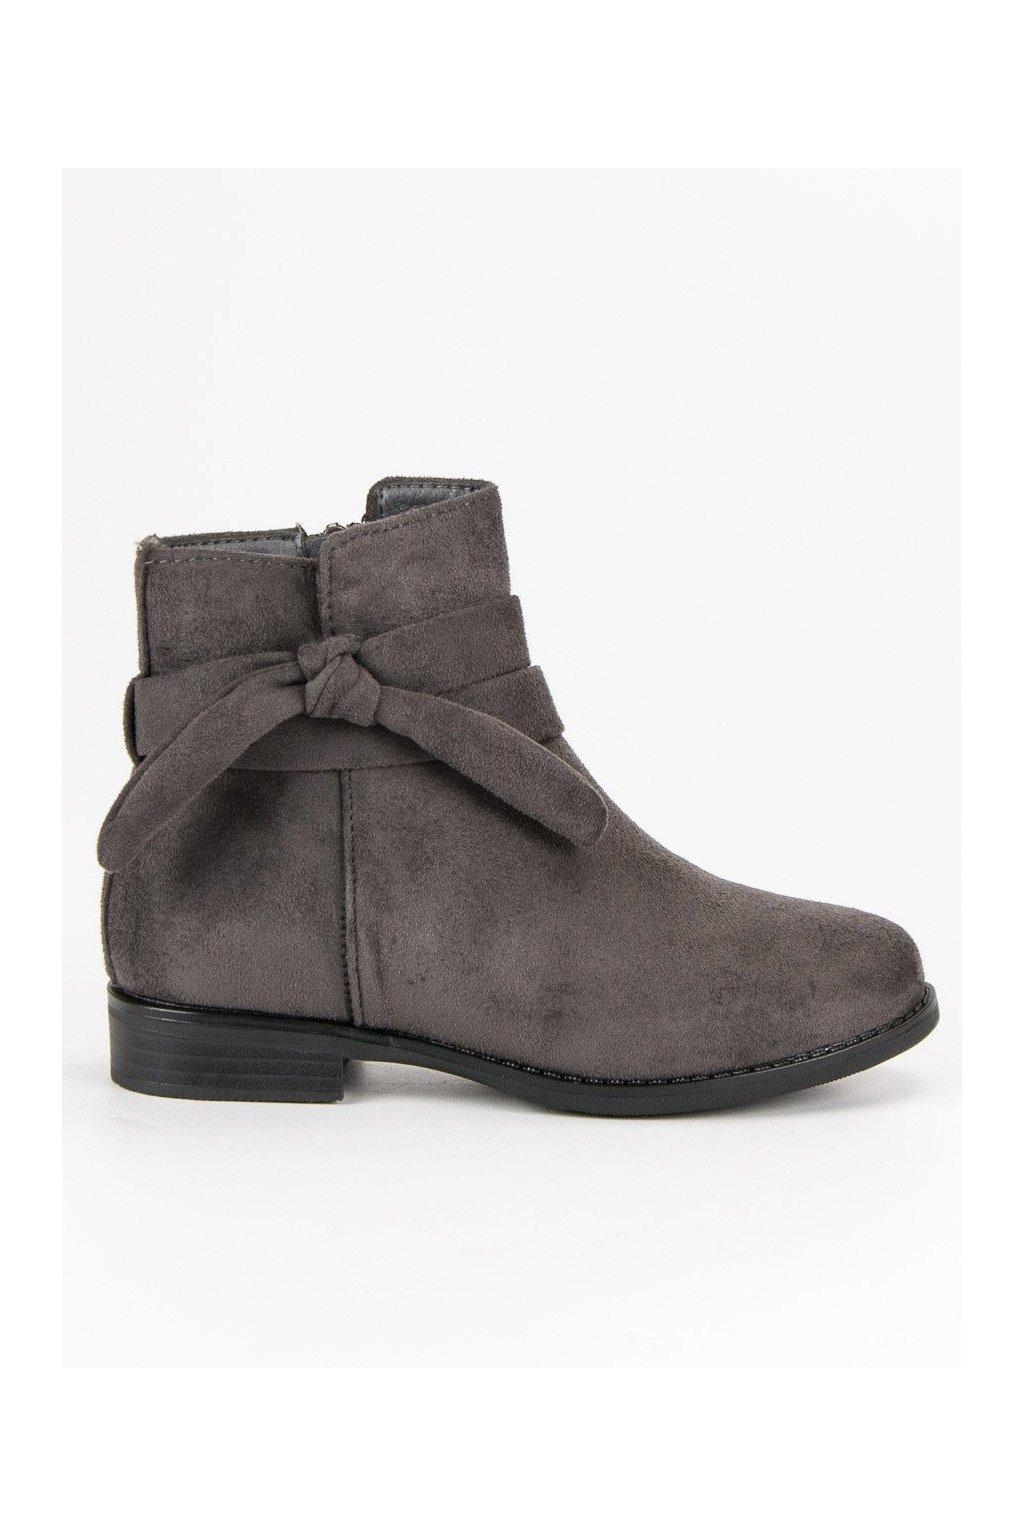 Dievčenské sivé topánky semišové členkové čižmy Vinceza